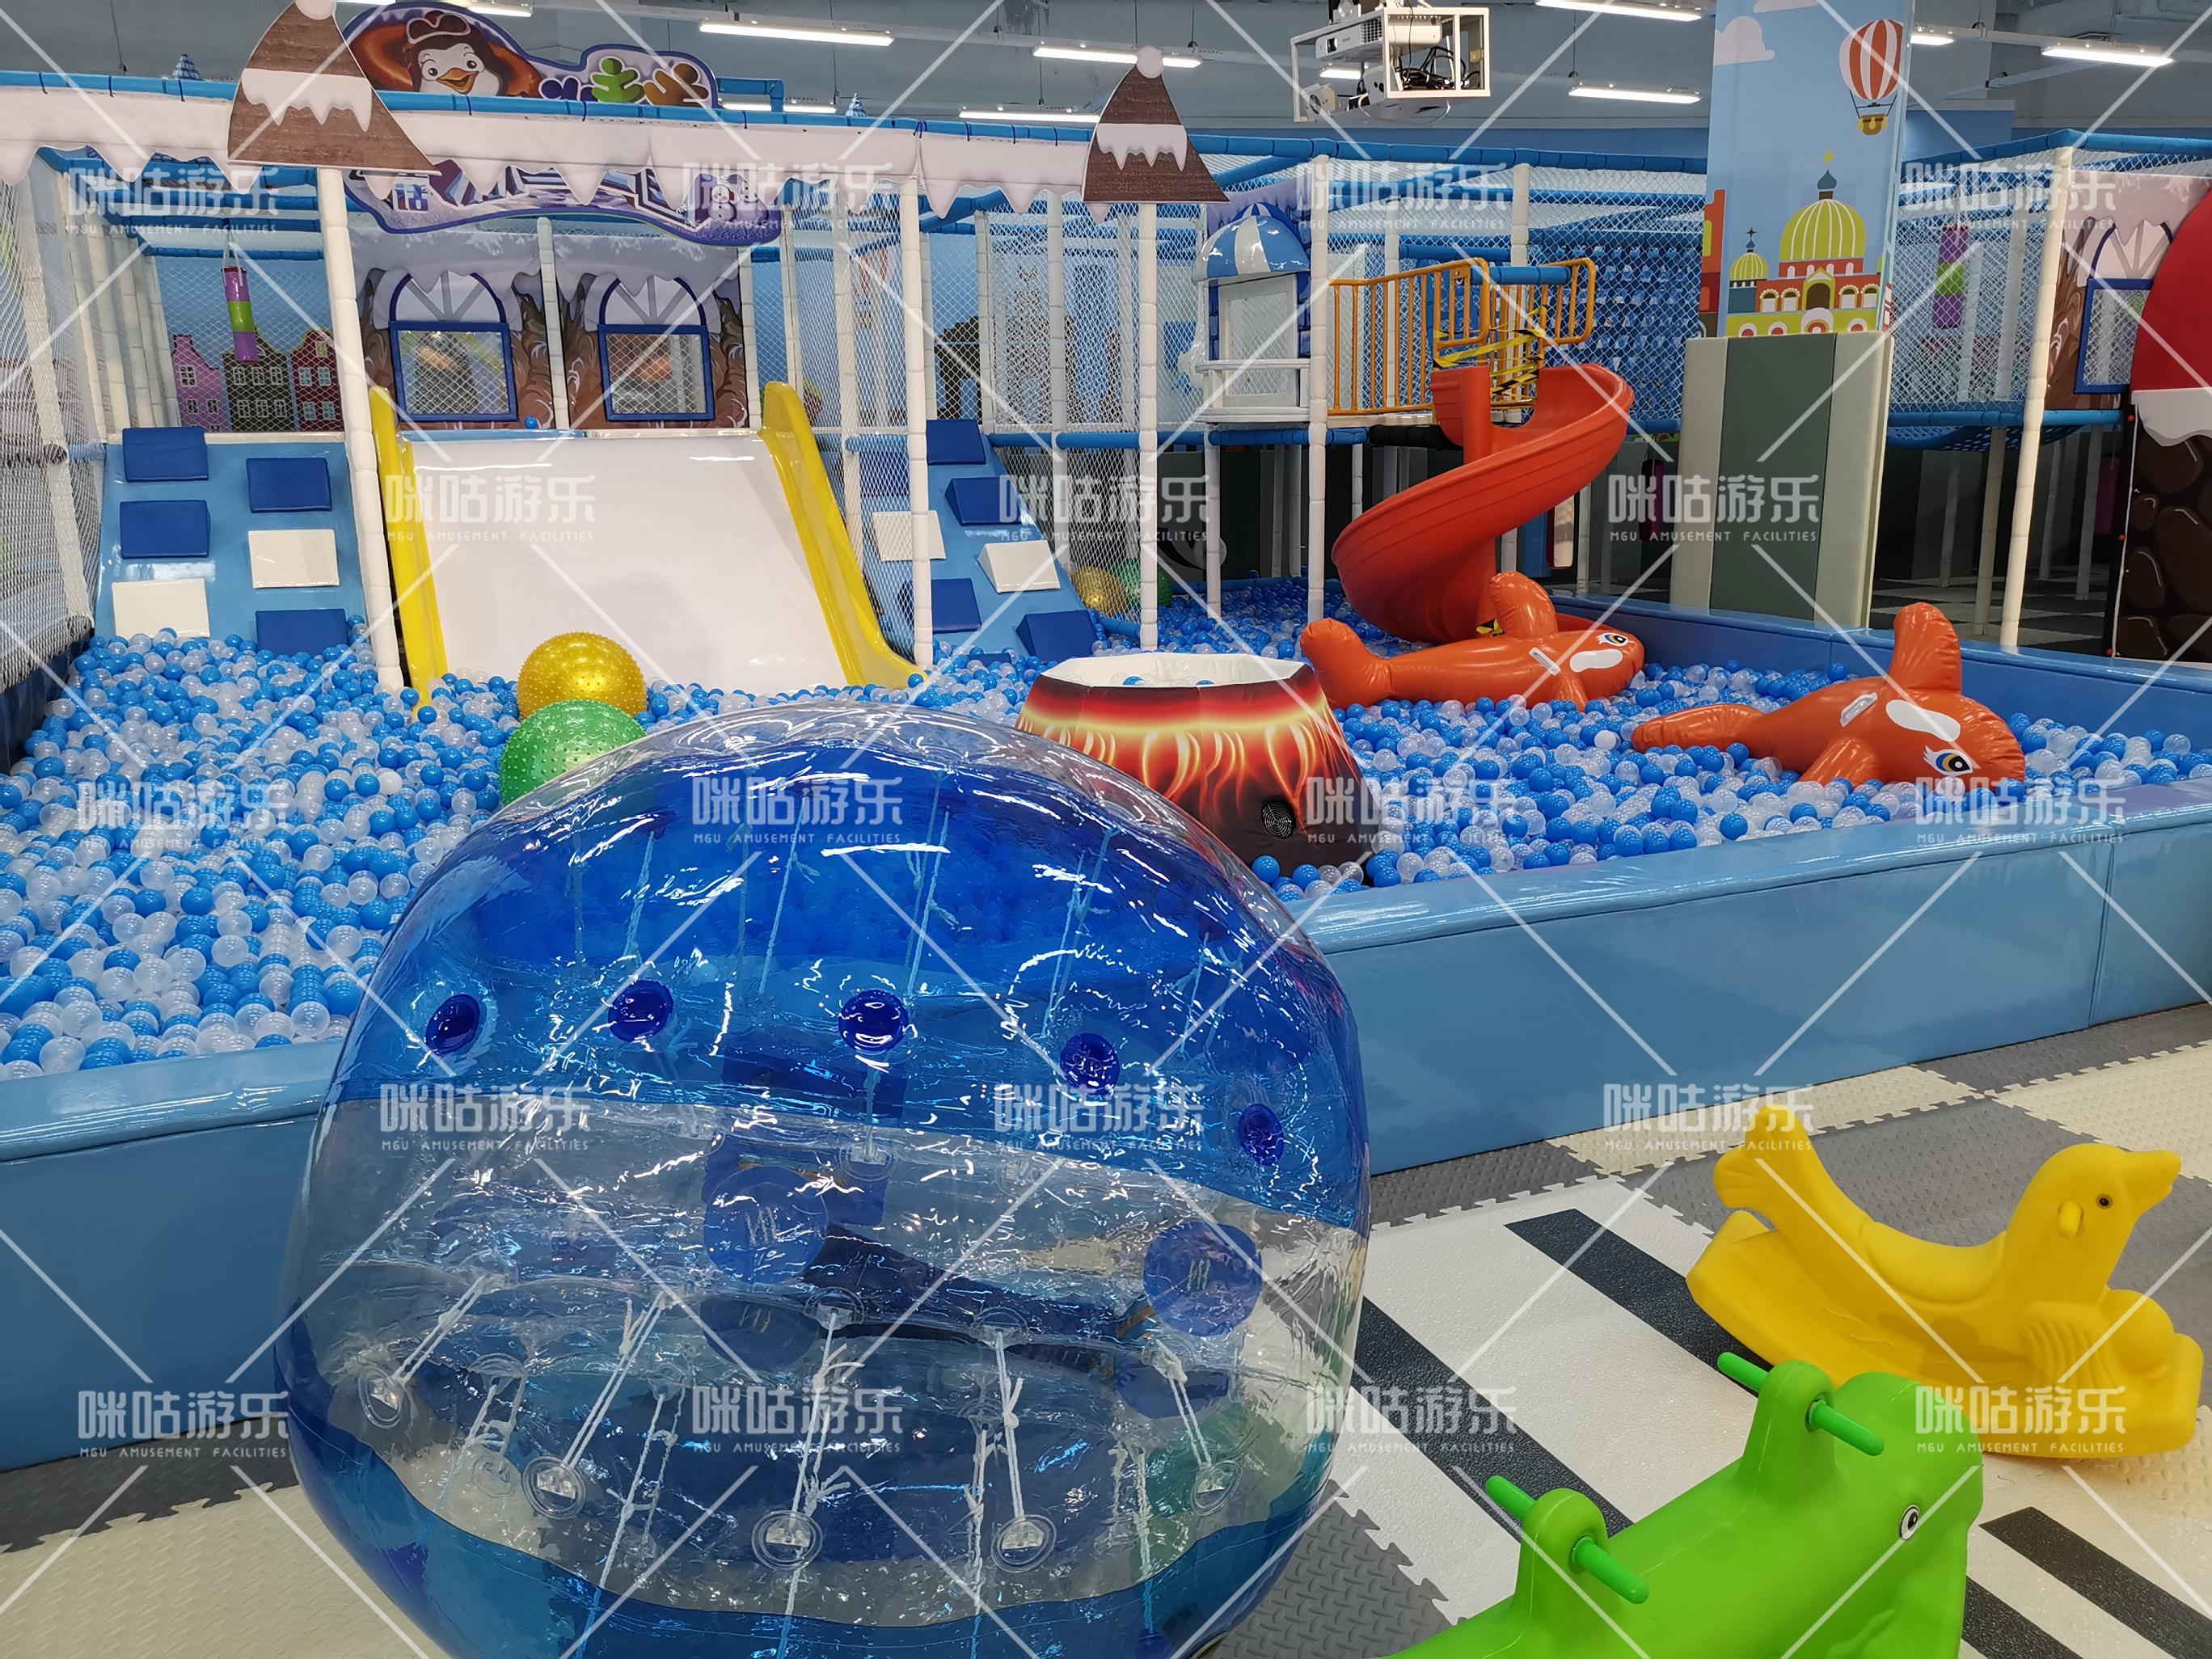 微信图片_20200429160027.jpg 如何提高儿童乐园人气?服务管理要做到位! 加盟资讯 游乐设备第2张